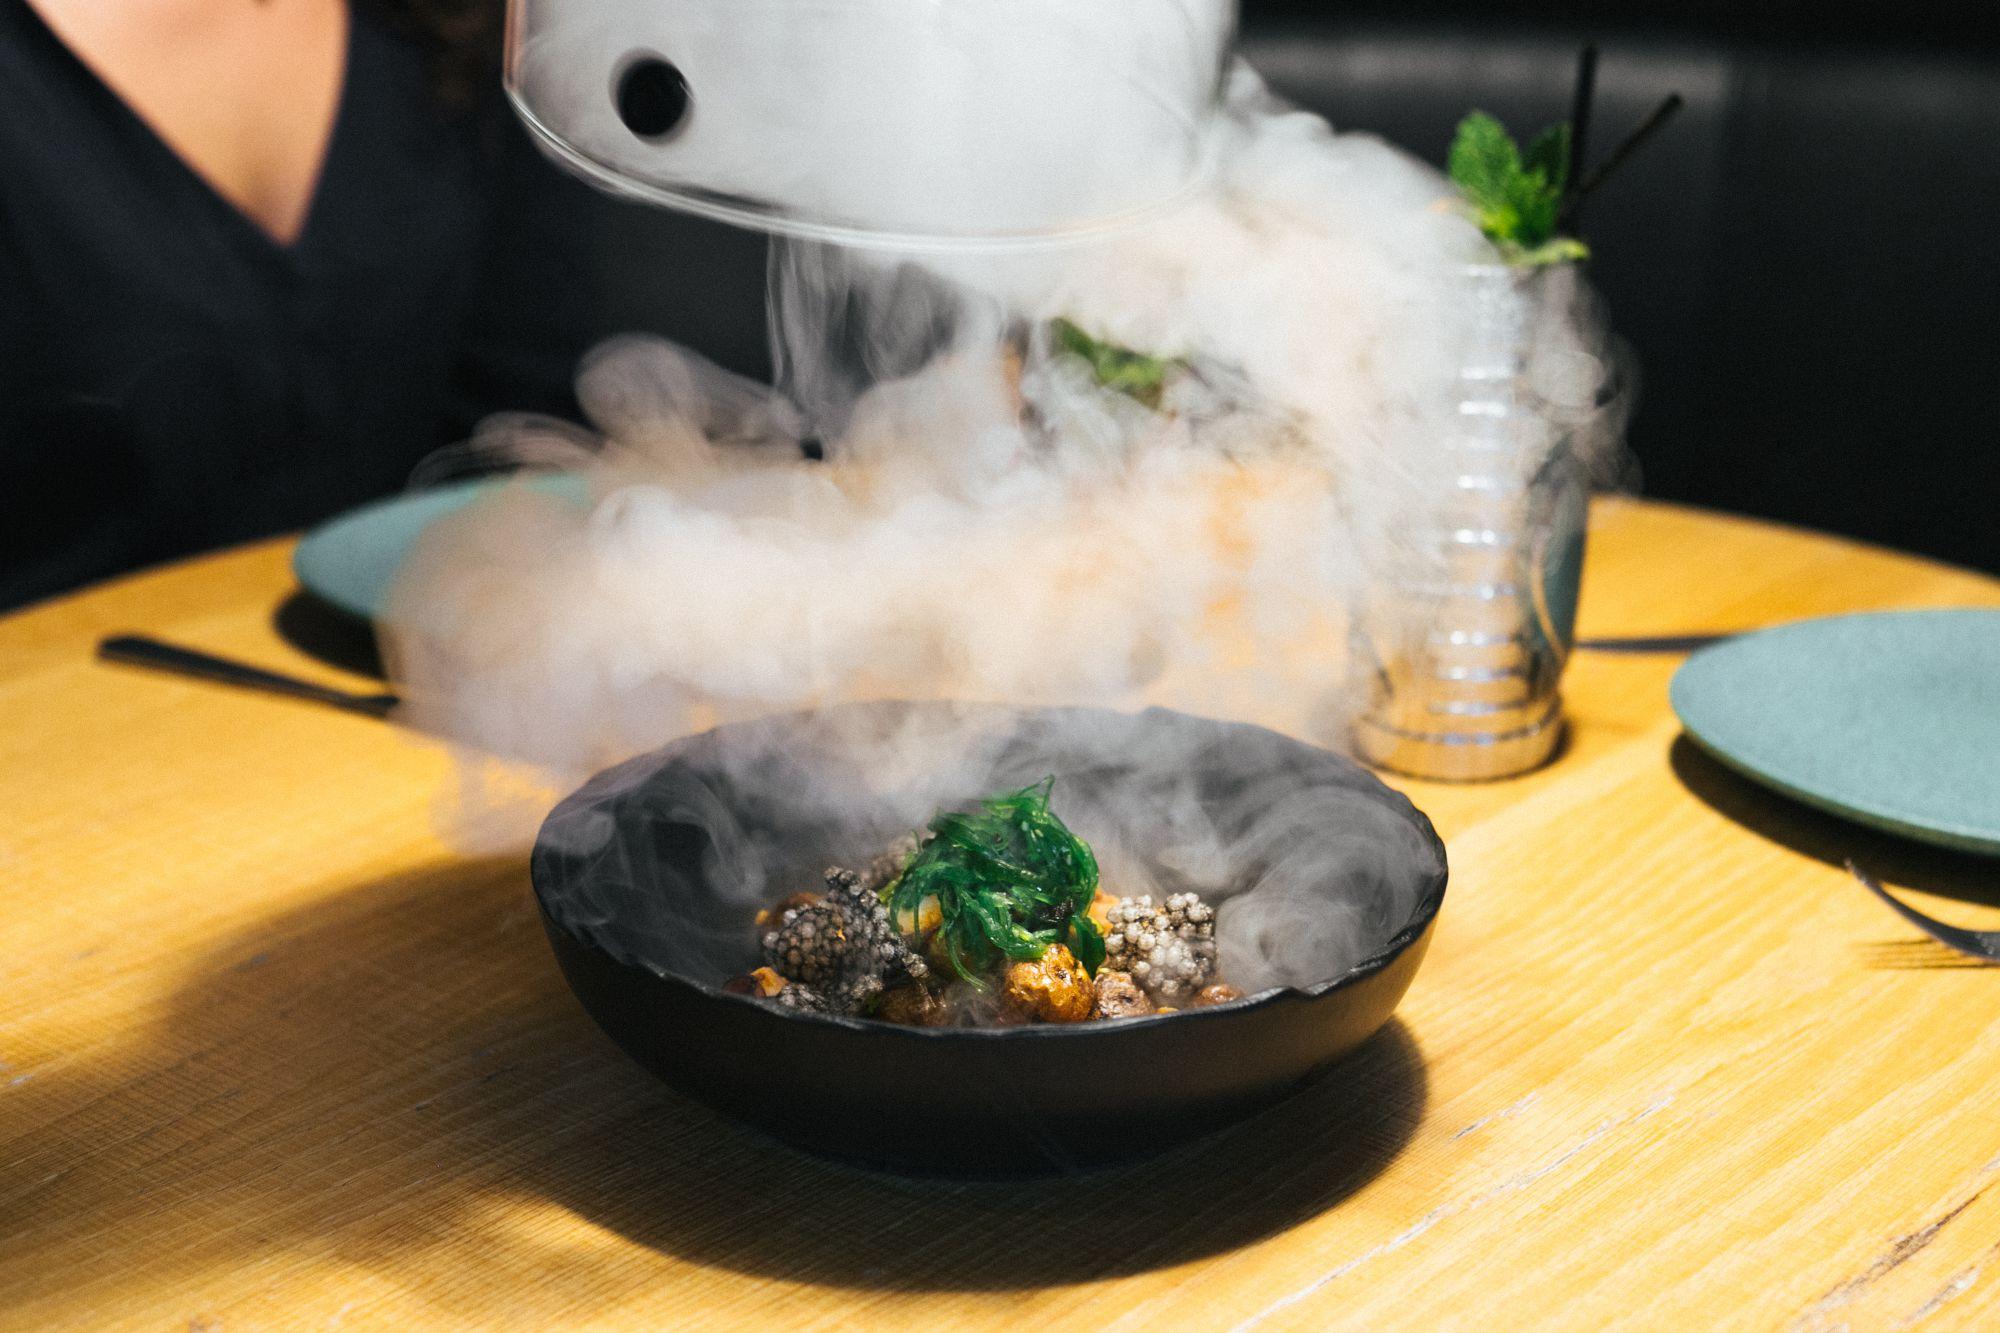 El pulpo salteado con papas canarias, mojo hervido y algas 'wakame', uno de sus platos fusión. Foto: Sidecar.